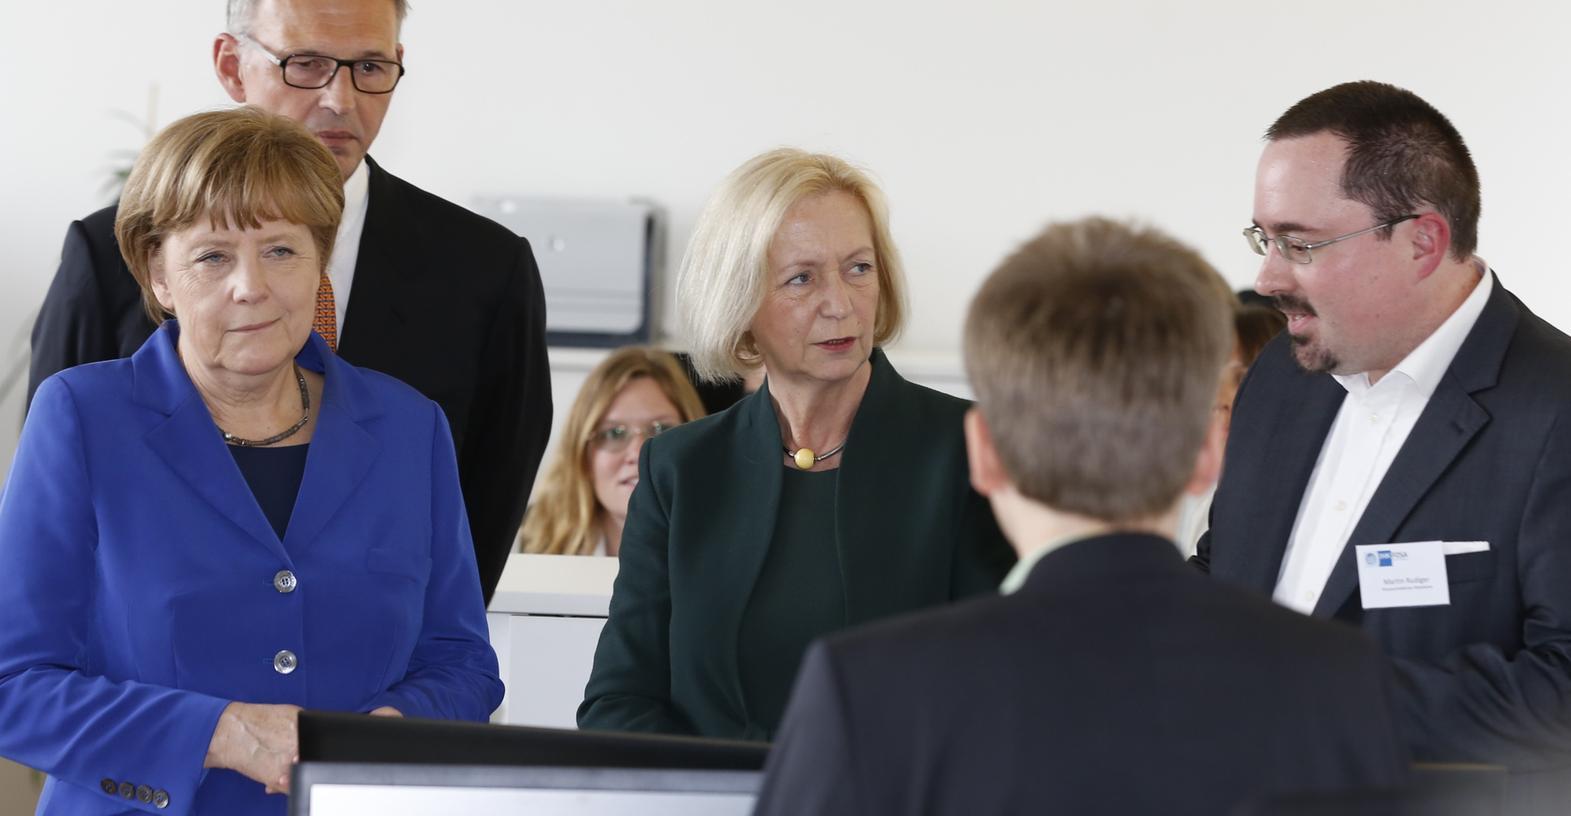 Erklärstunde in der Nürnberger Südstadt: Dort besuchte Bundeskanzlerin Angela Merkel ein IHK-Projekt.